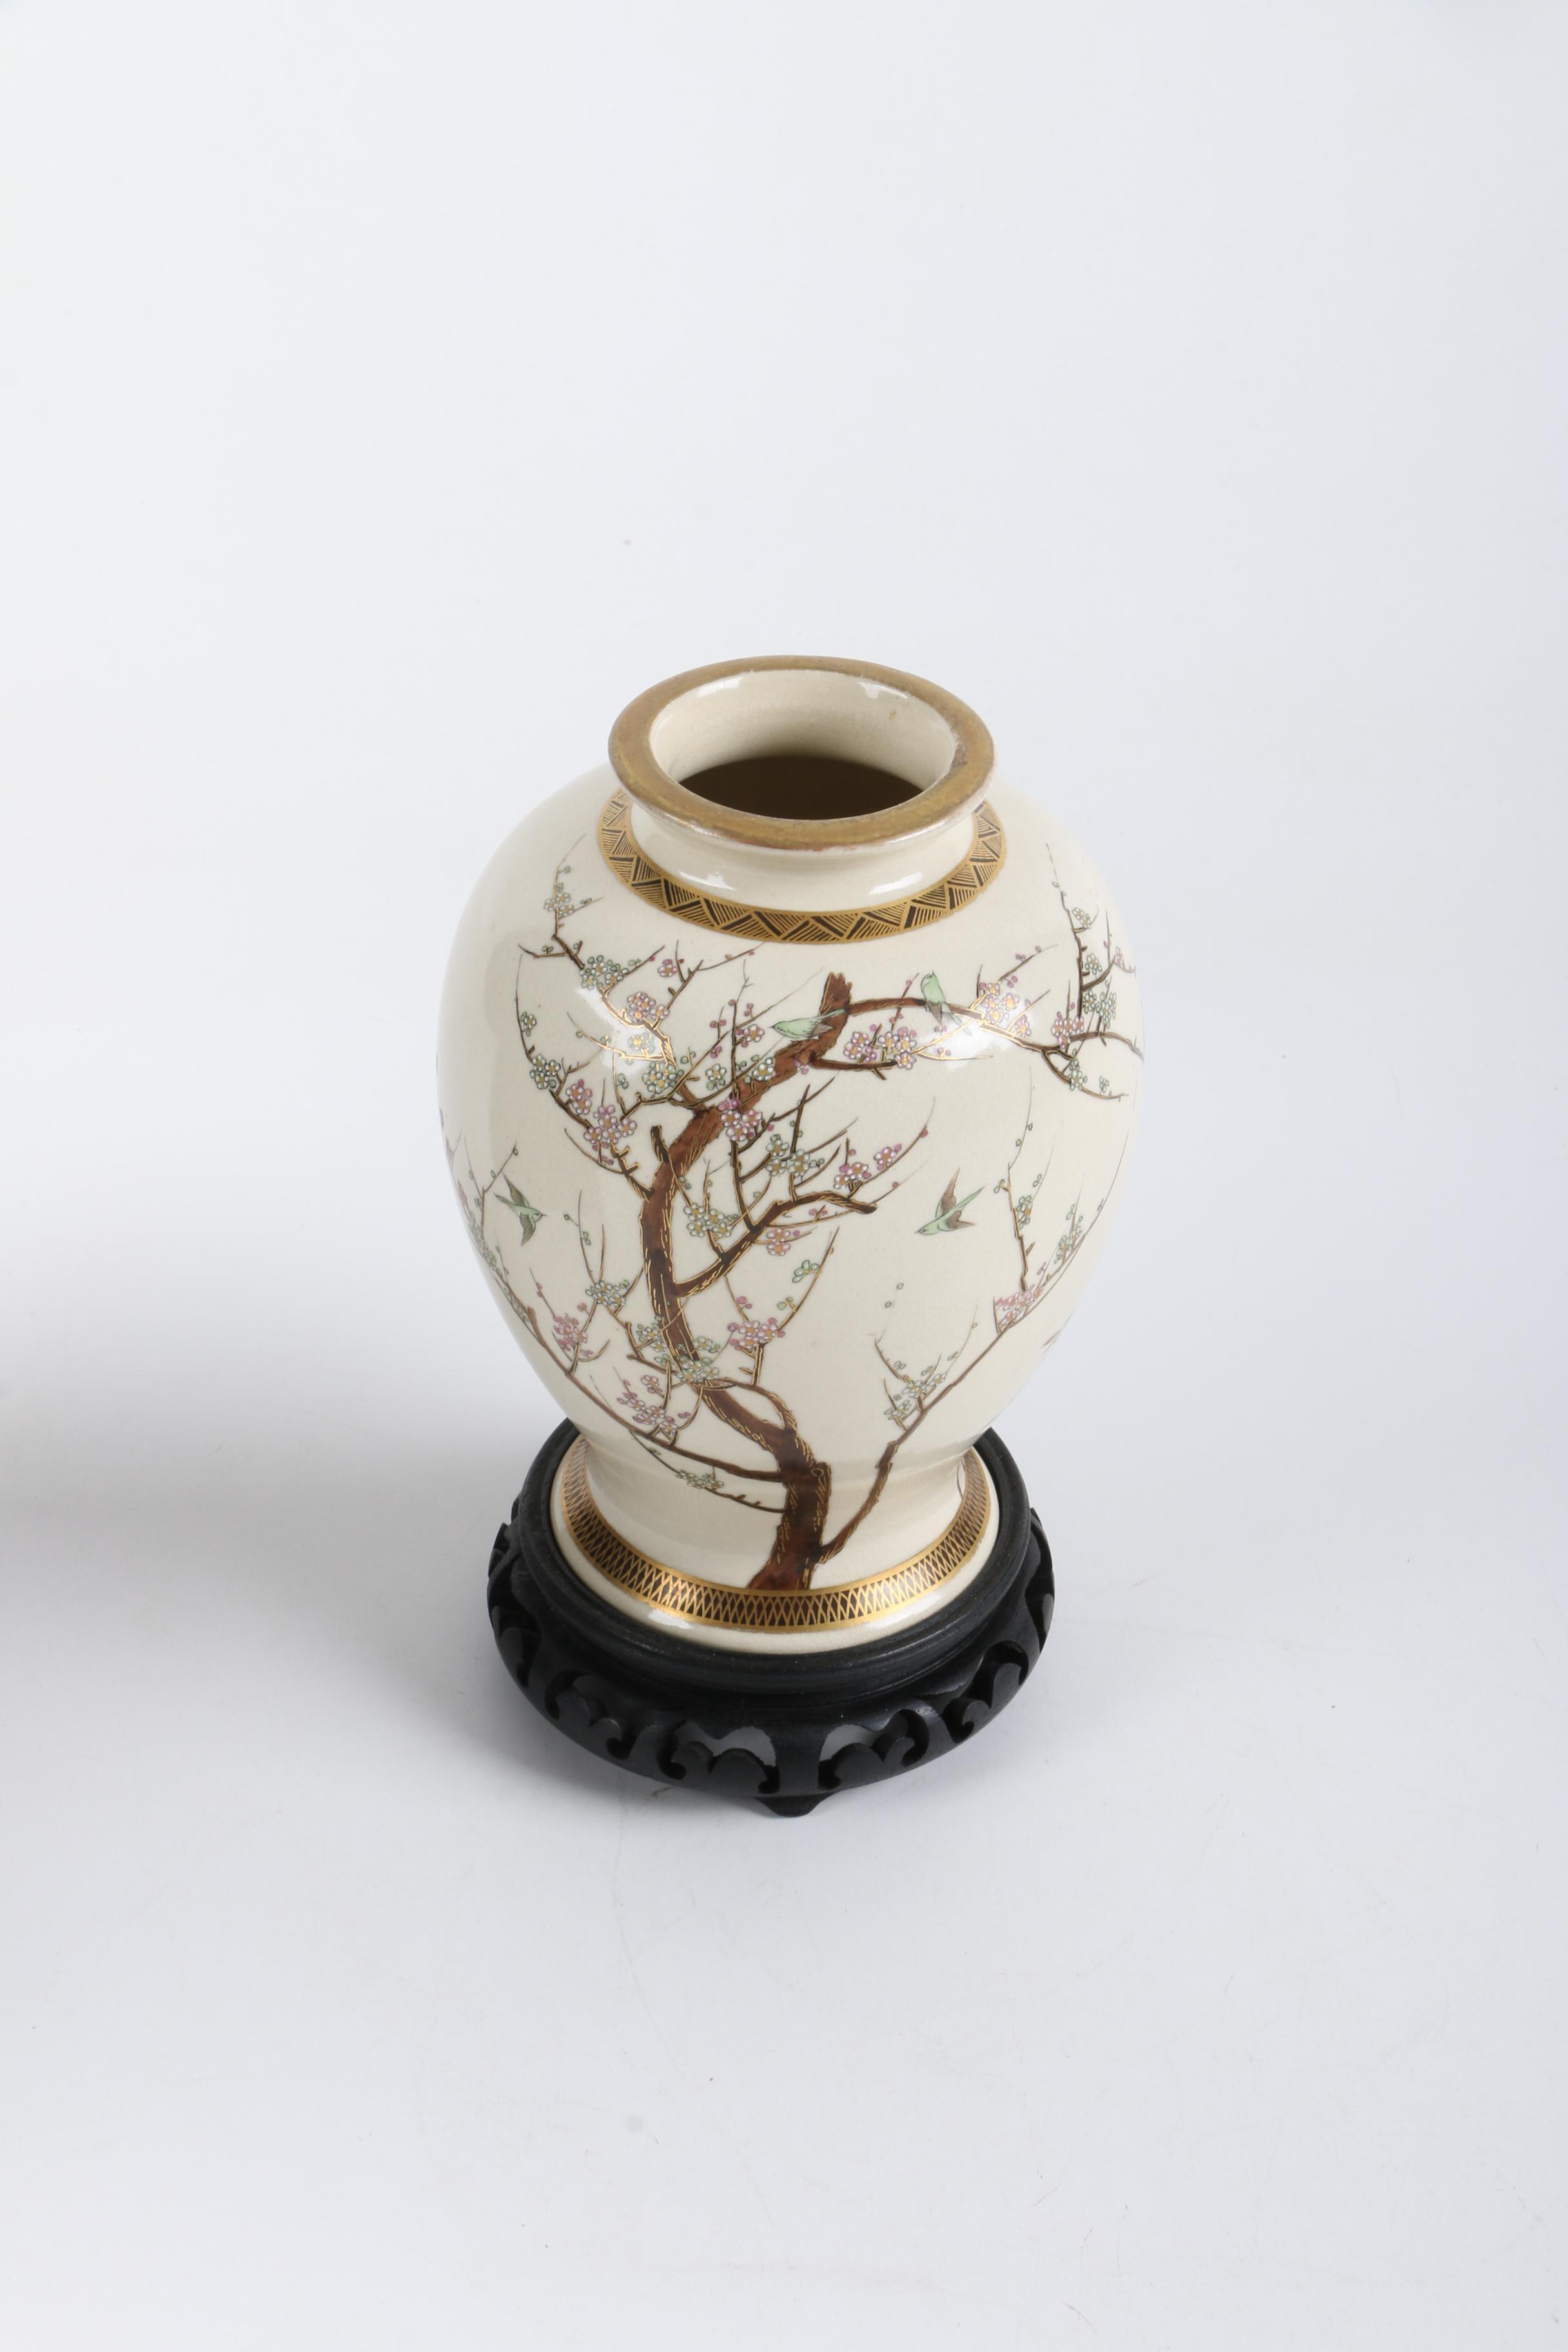 Japanese Satsuma Hand-Painted Porcelain Vase